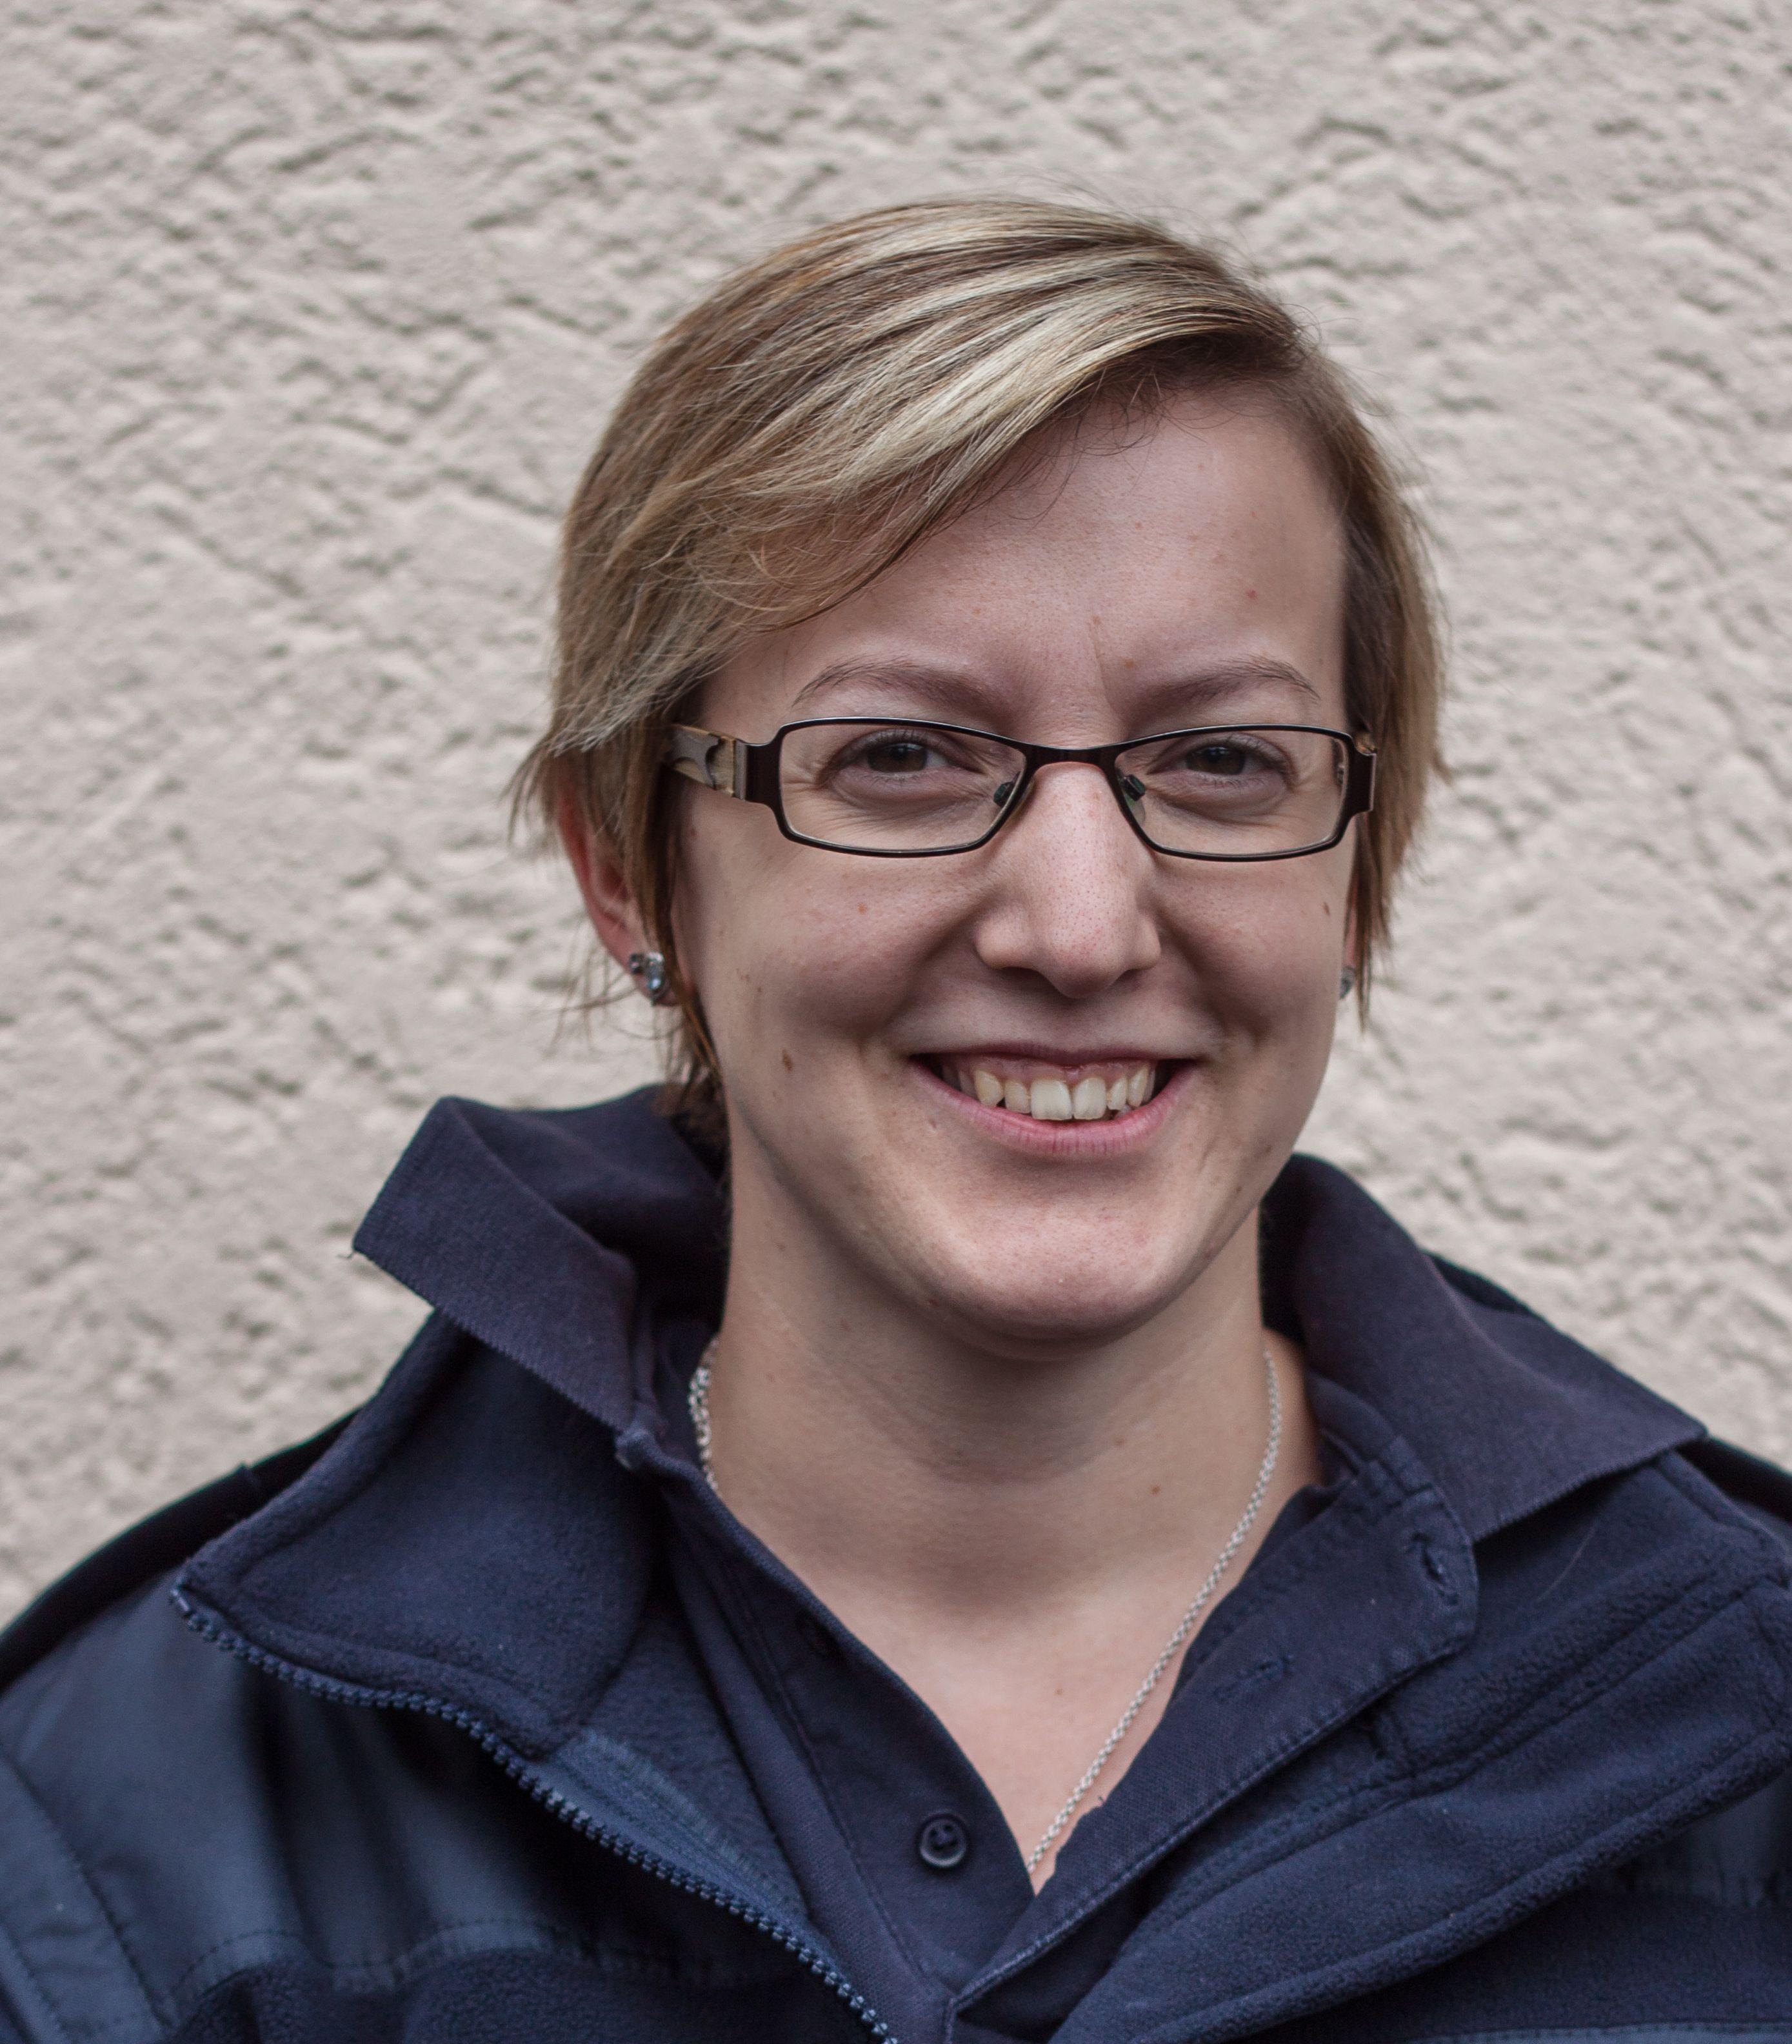 Nadine Dielmann